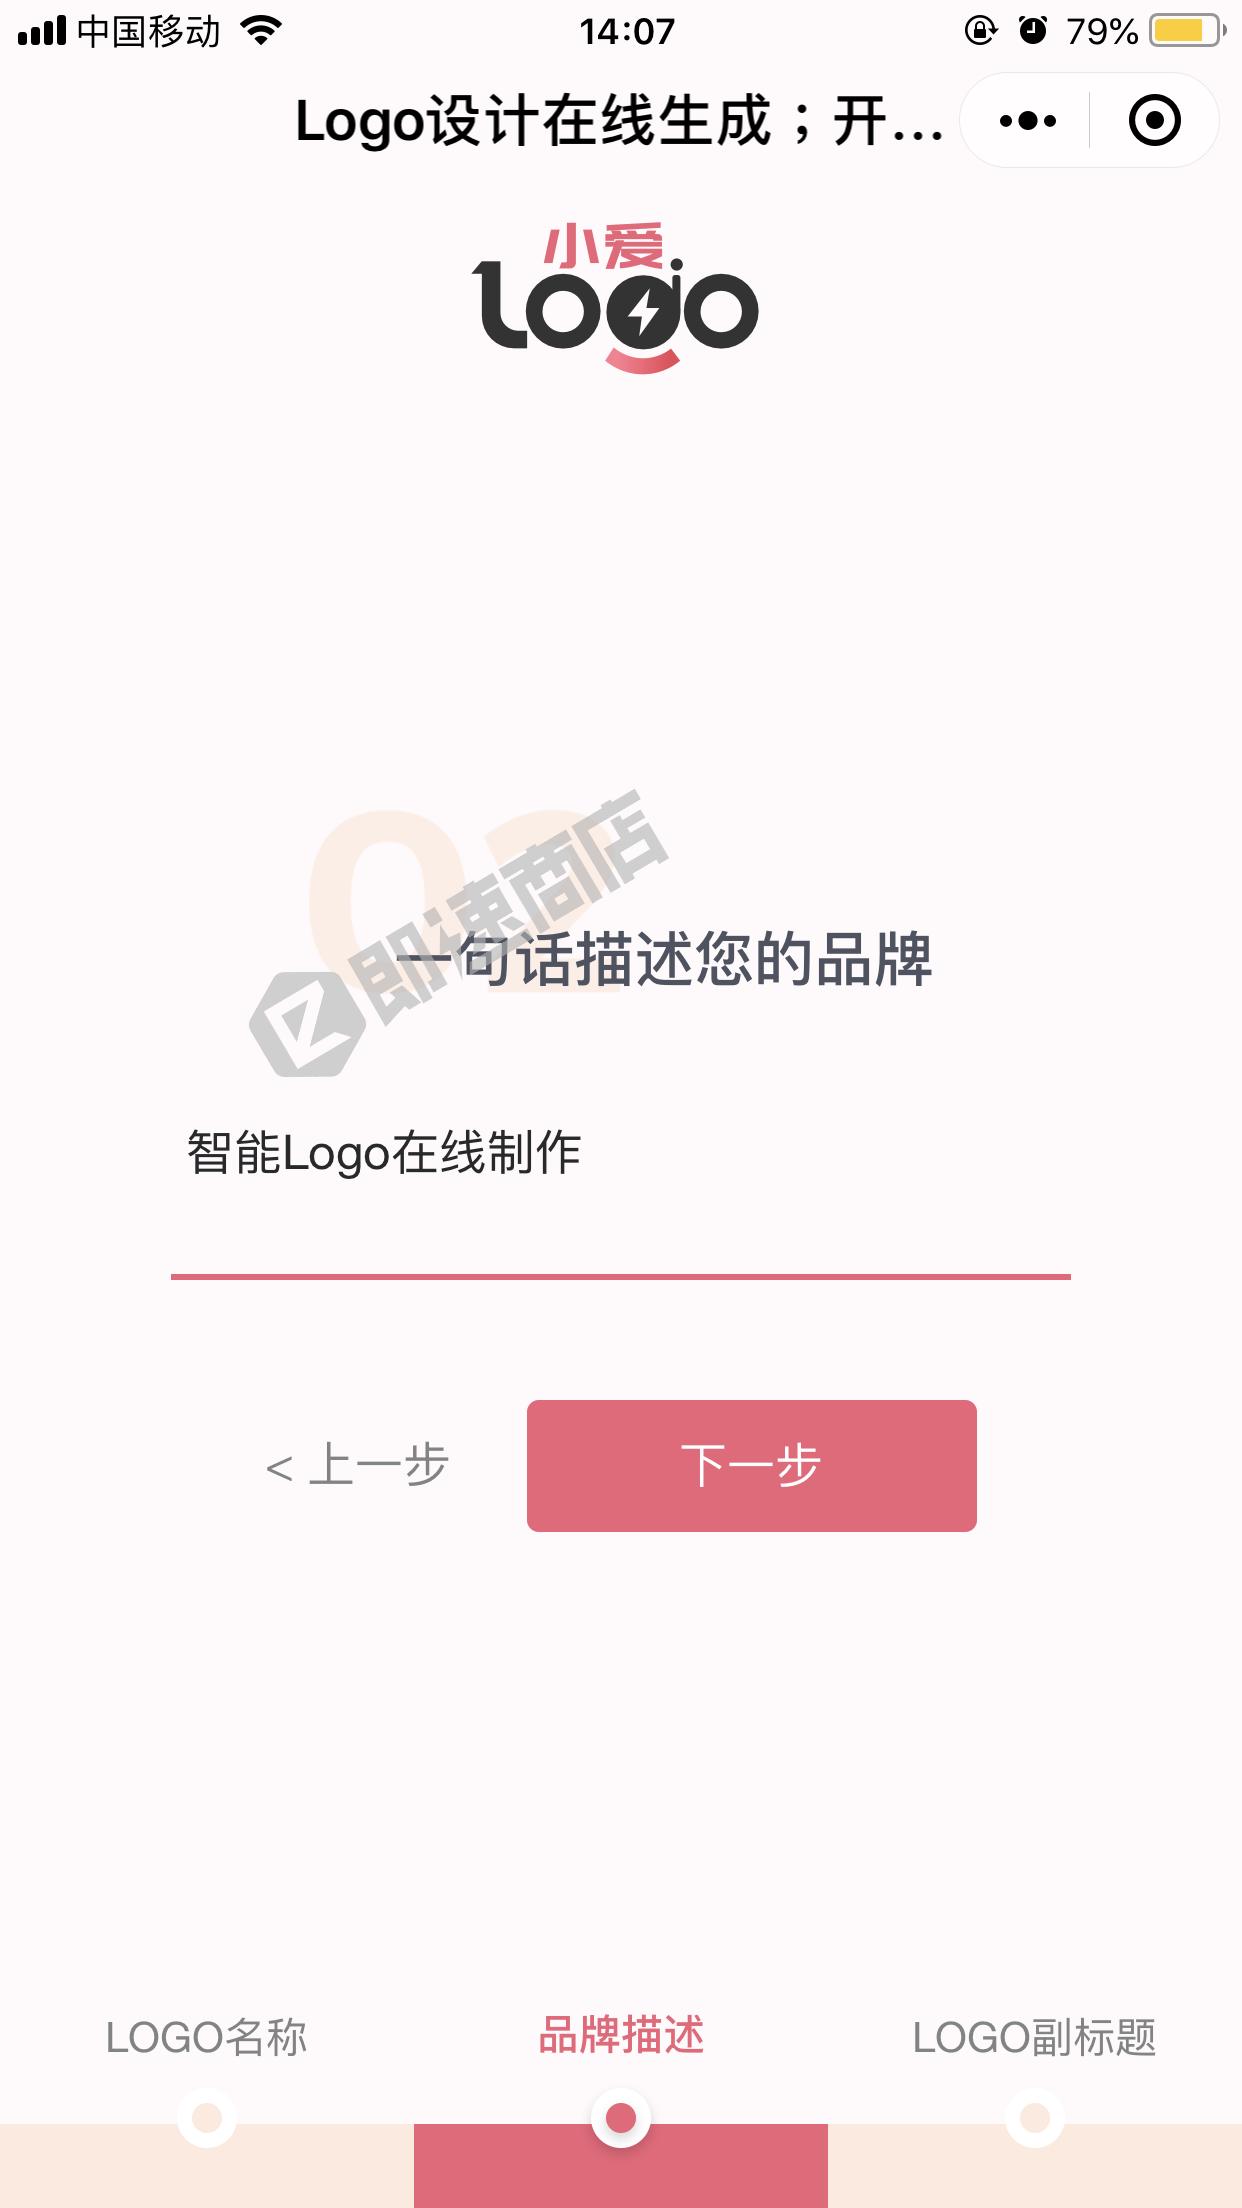 小爱LOGO设计小程序详情页截图